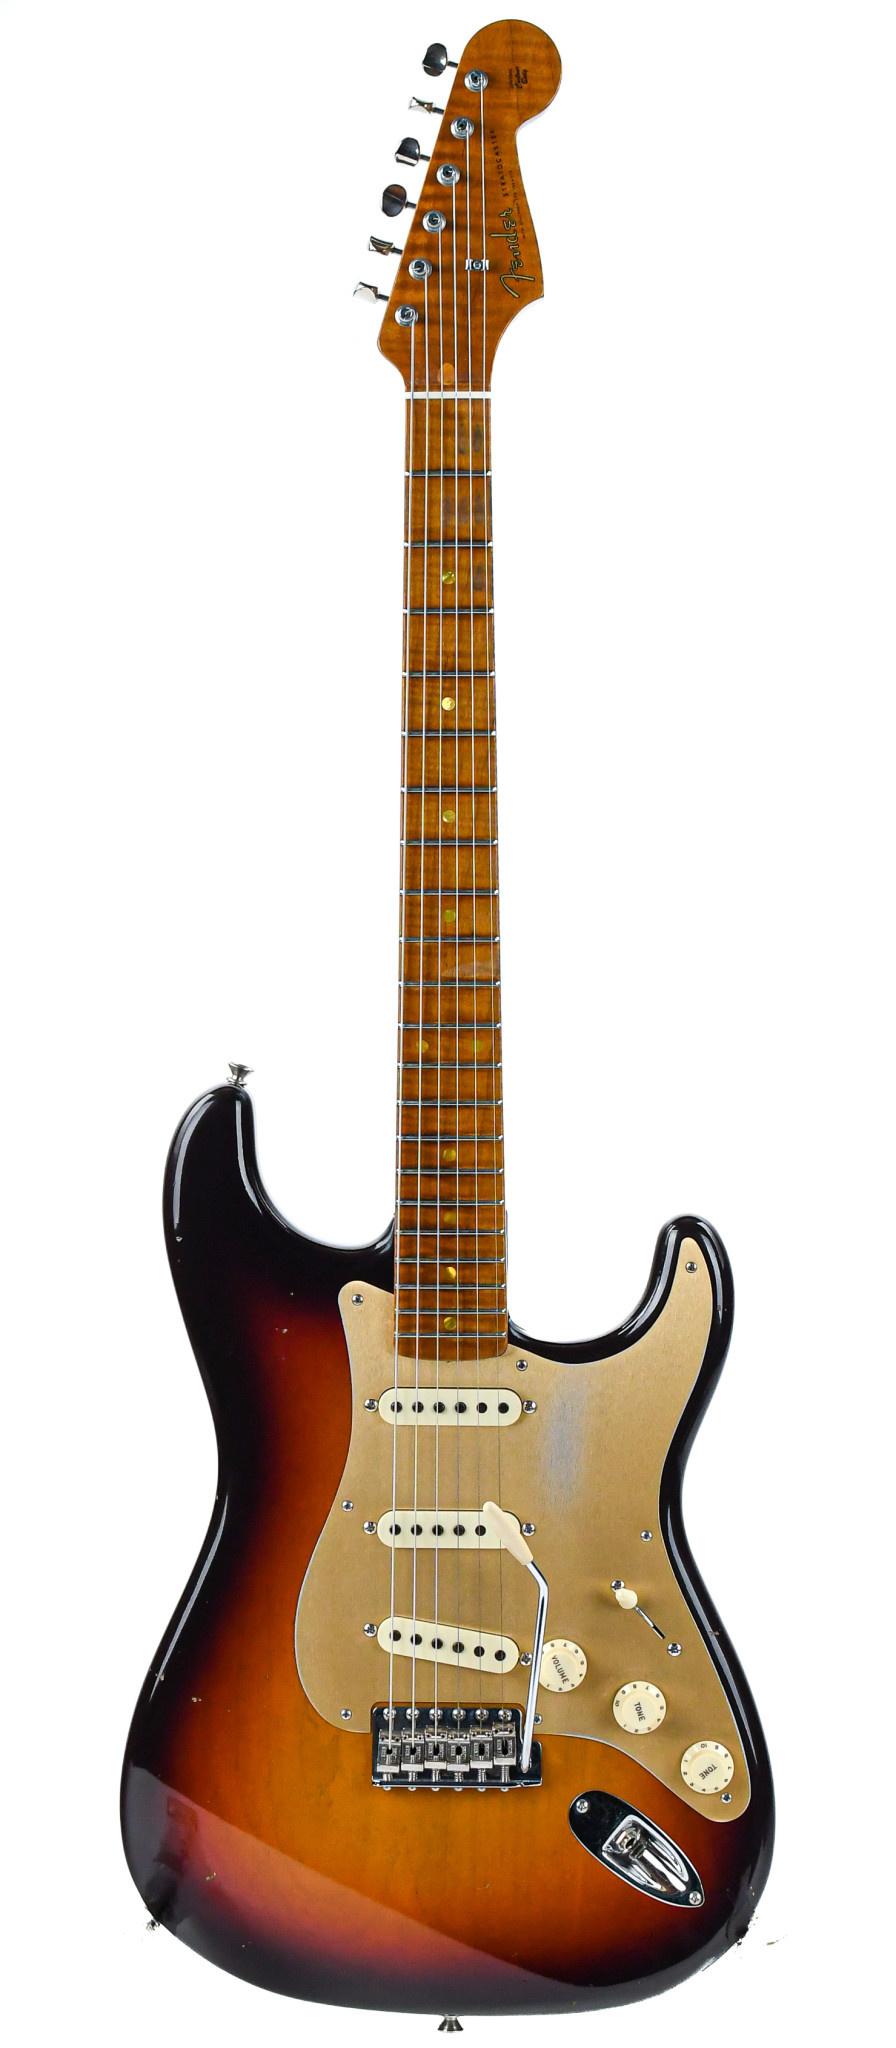 Fender Custom LTD 58 Special Strat Journeyman 2020